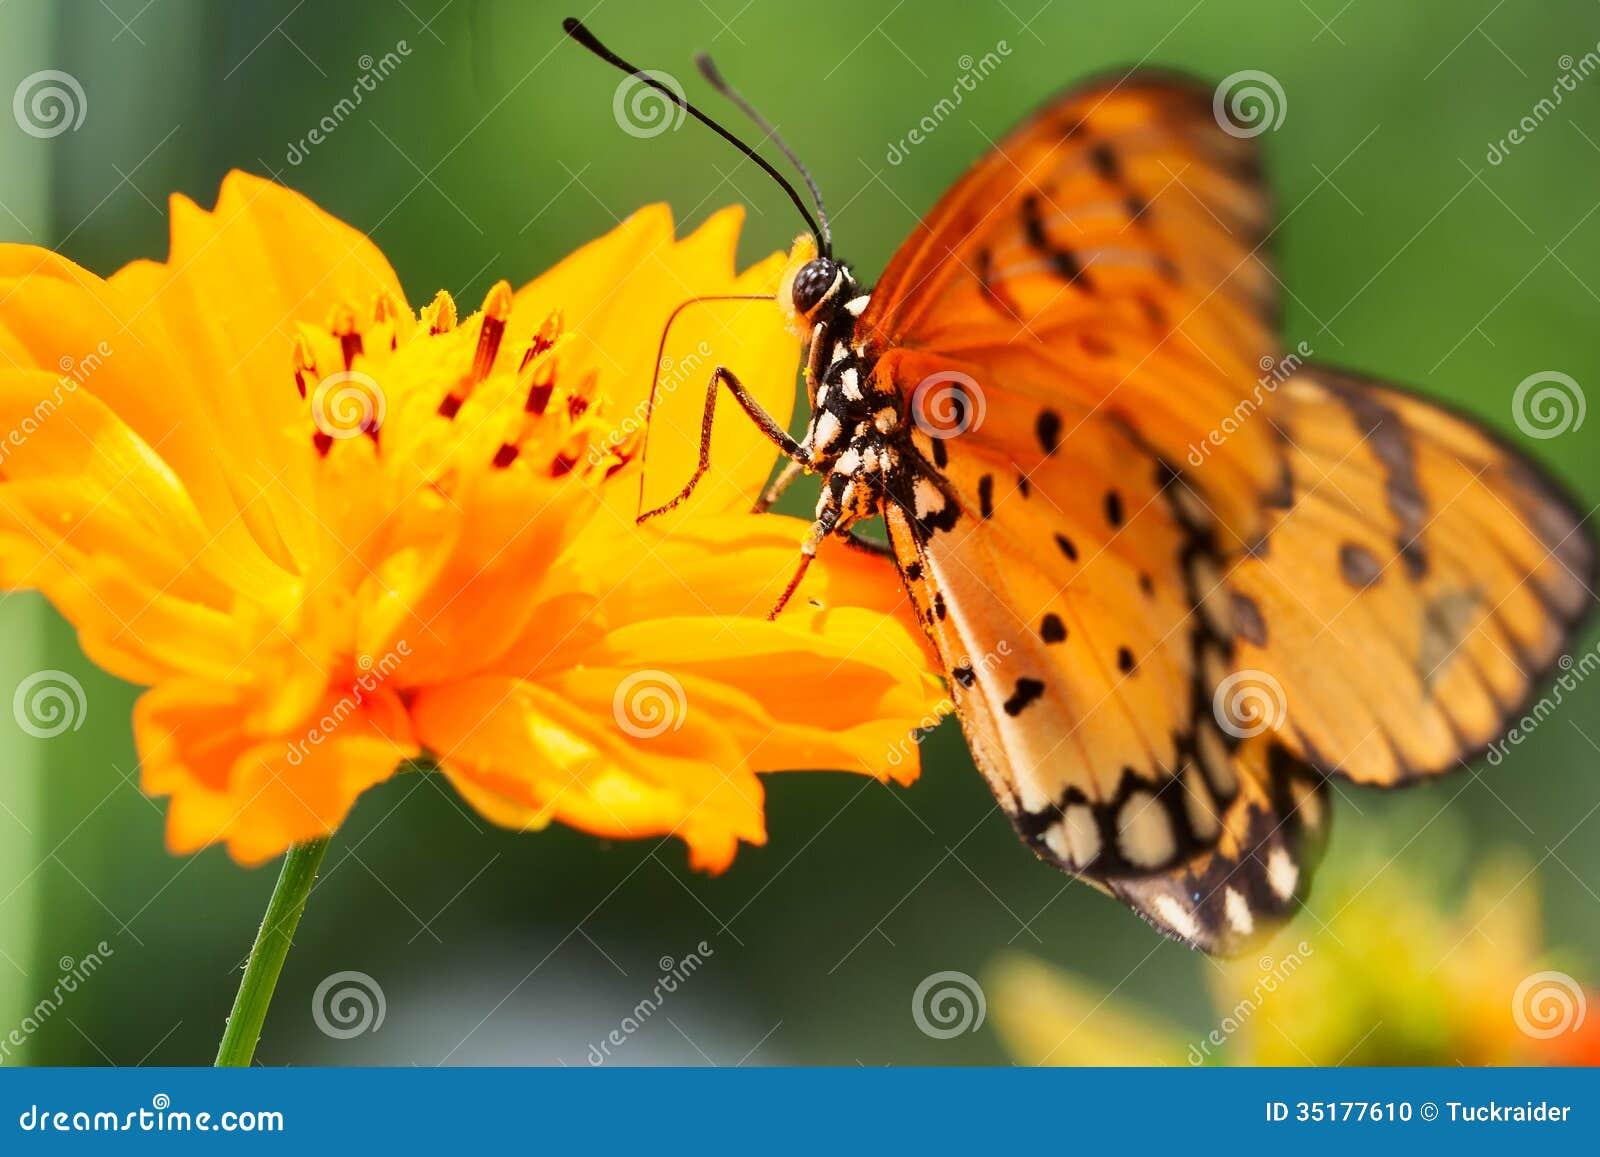 Nectar cards